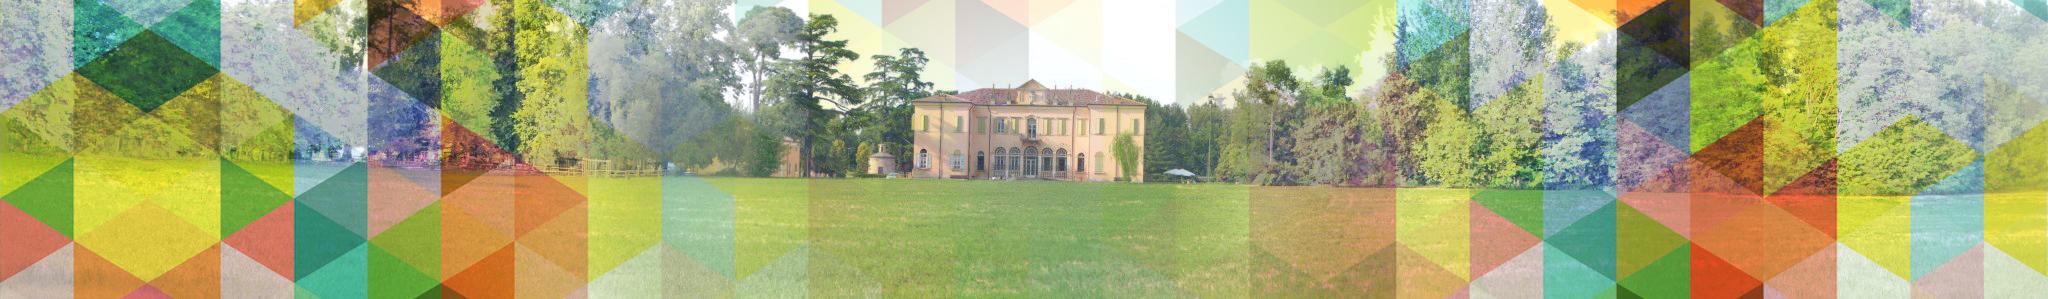 Via Bernini Buri, 99 Verona